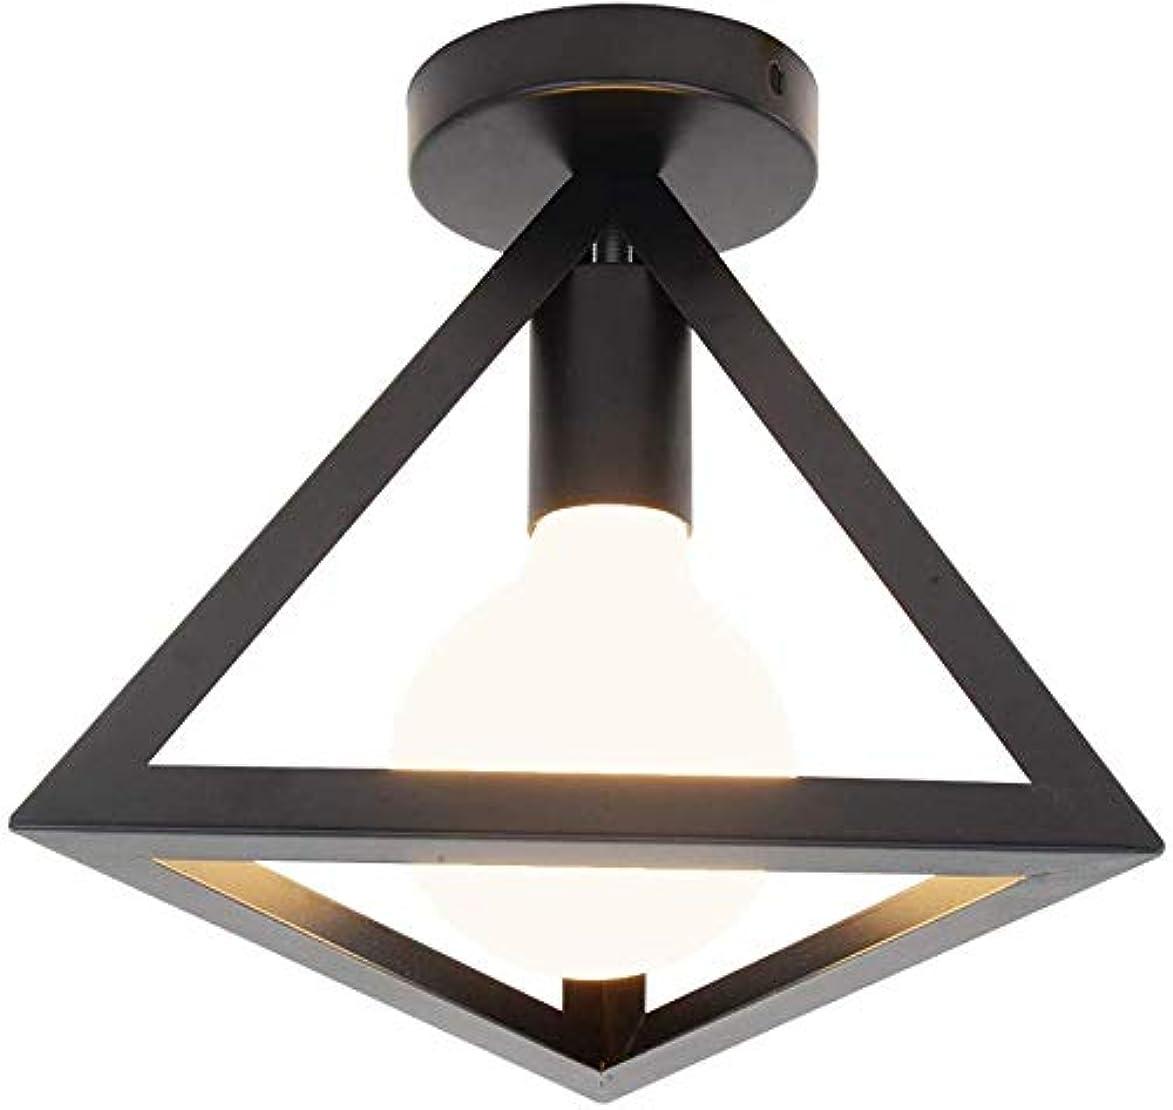 資格防止子KY LEE アートワークスタジオ シーリングライト 照明 天井照明 三角形 インテリア ライト おしゃれ